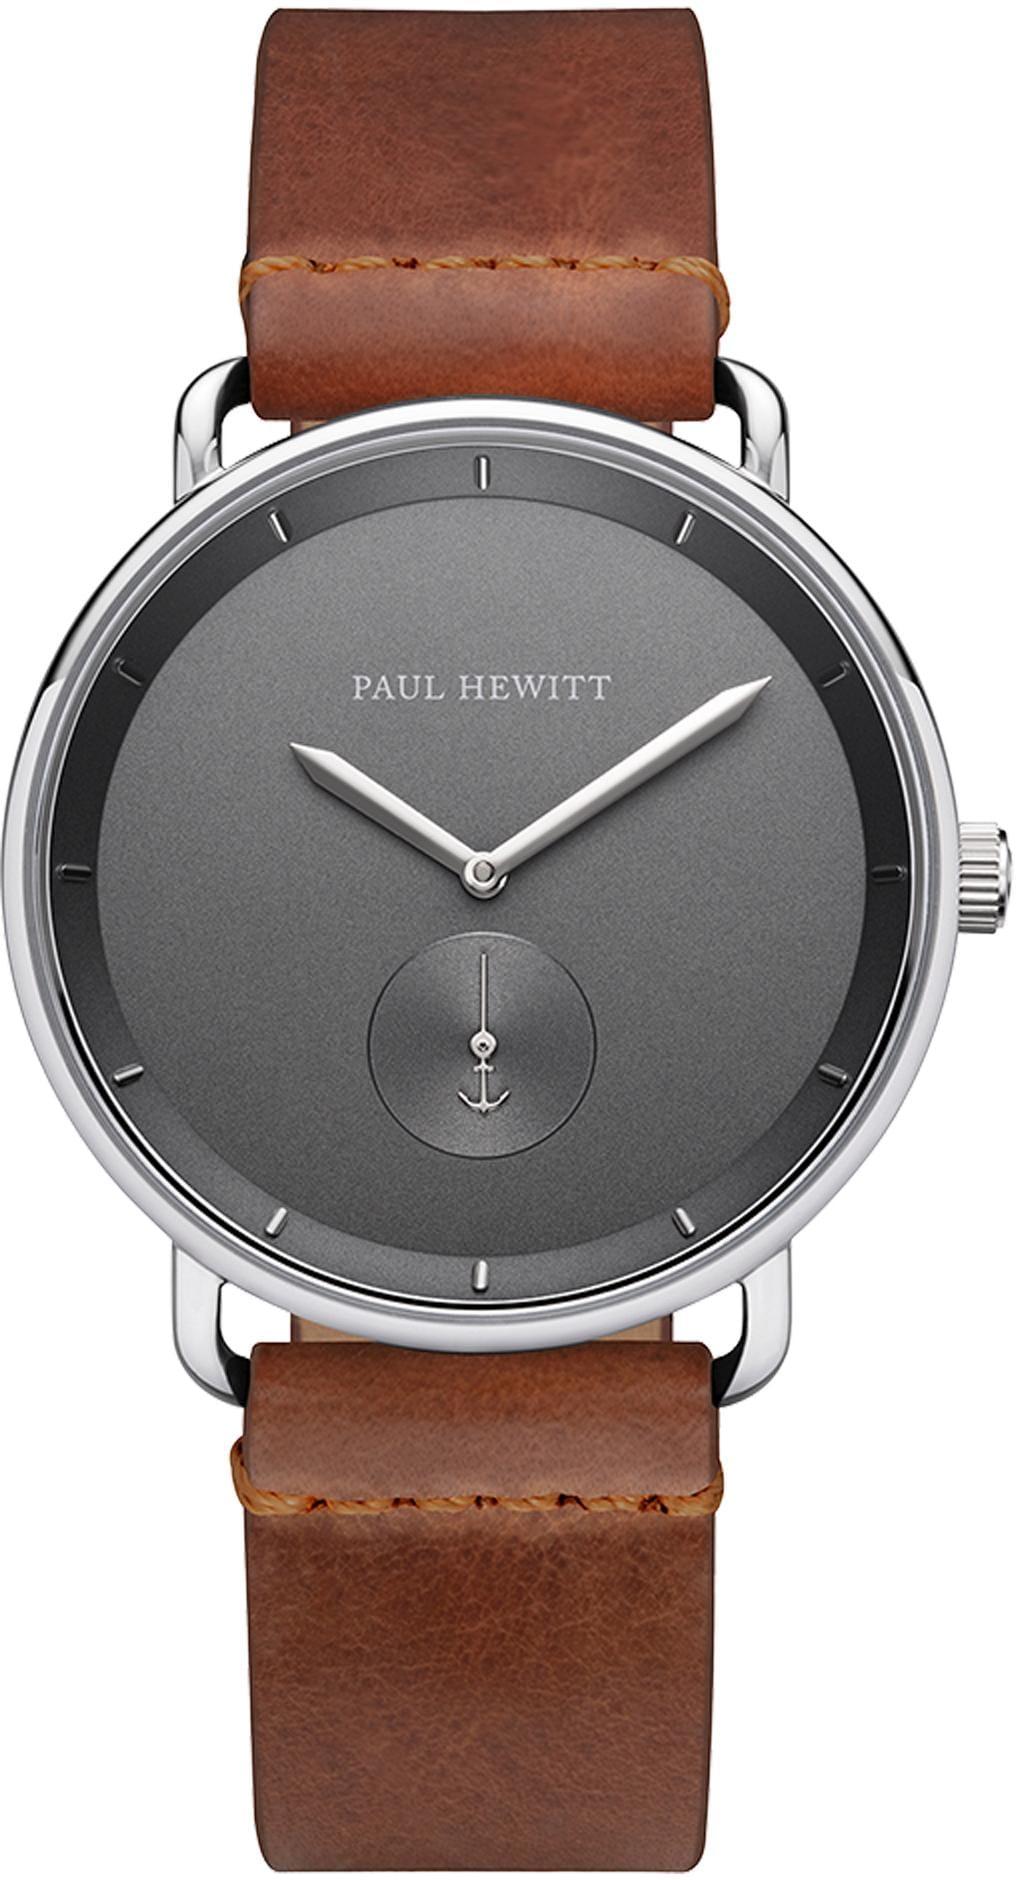 PAUL HEWITT Quarzuhr Breakwater Line, PH-BW-S-IG-57M | Uhren > Quarzuhren | Paul Hewitt